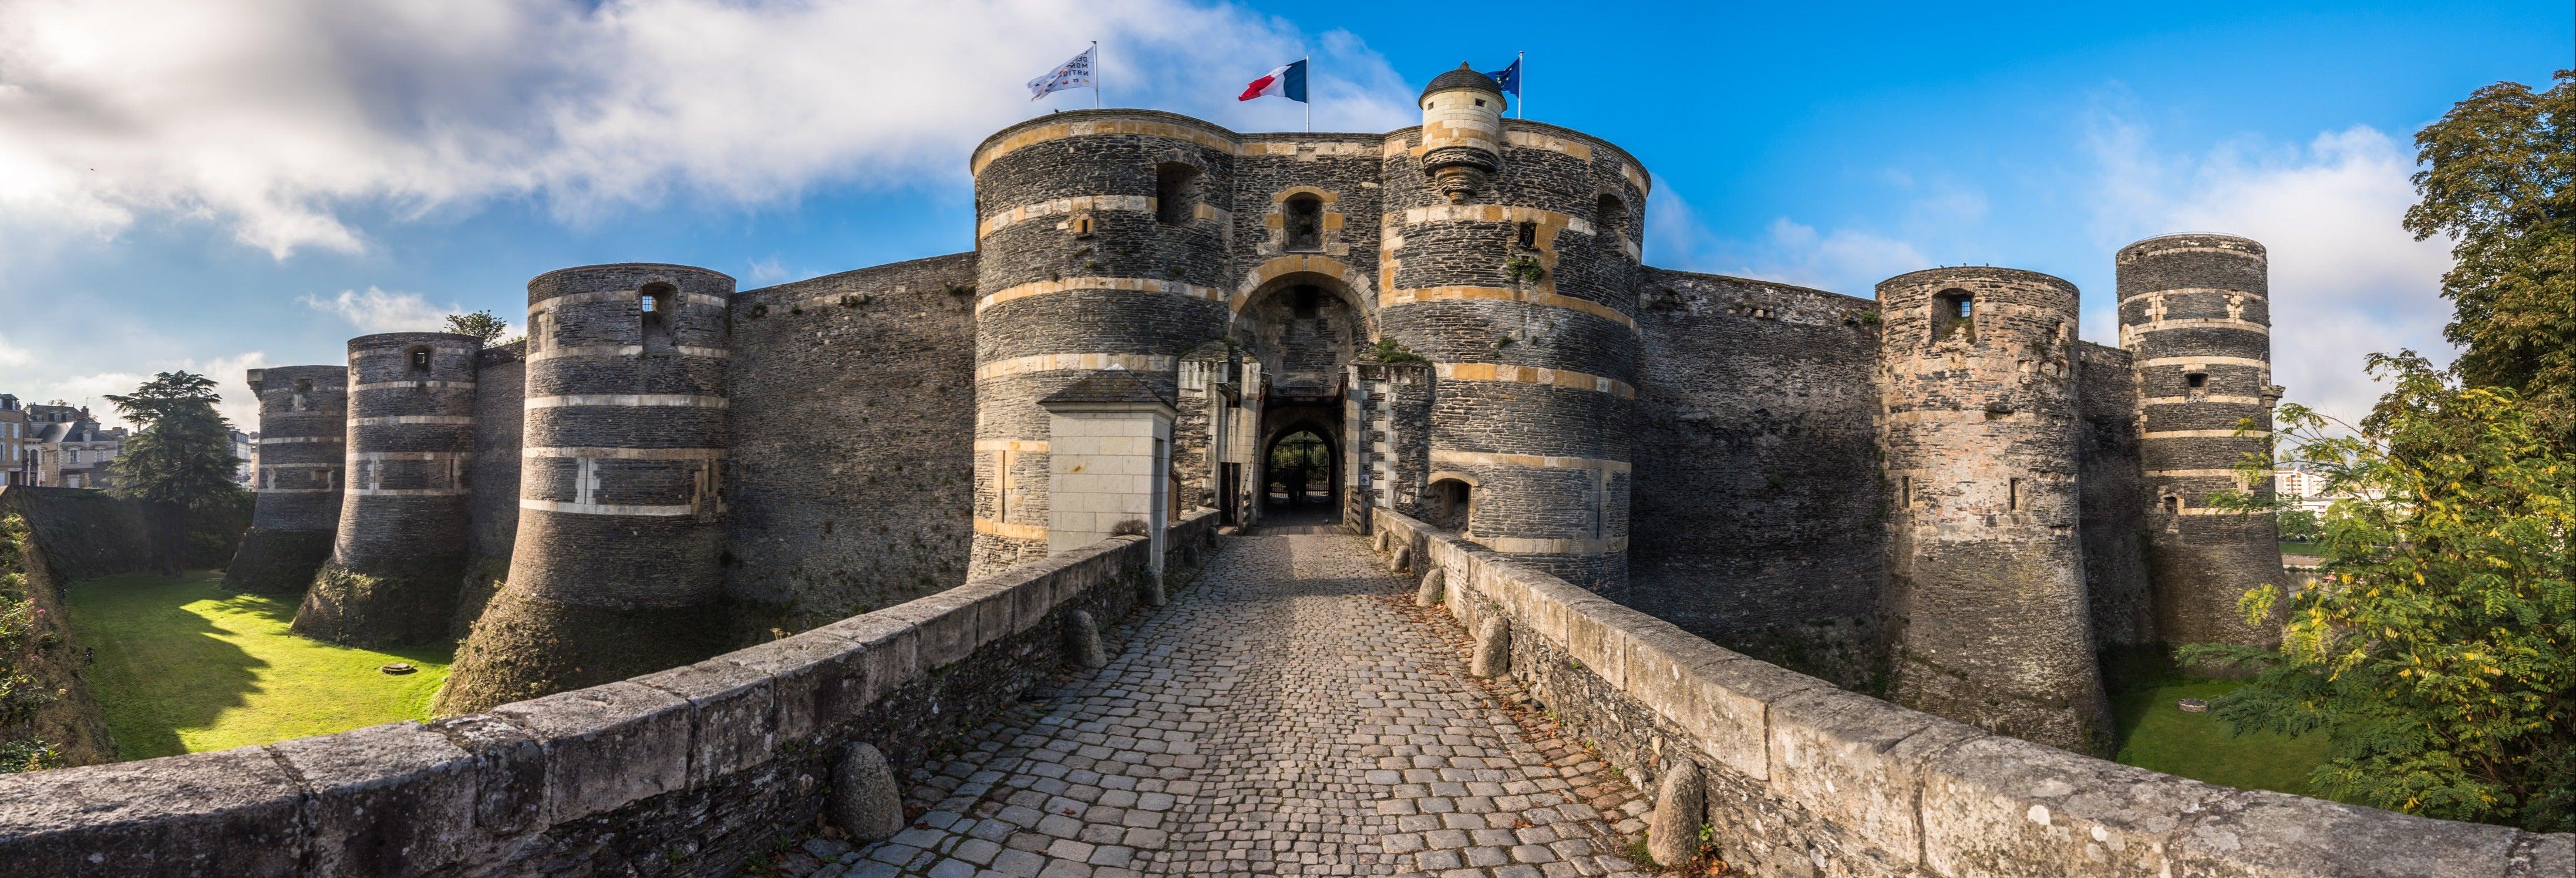 Excursión a Angers y valle del Loira